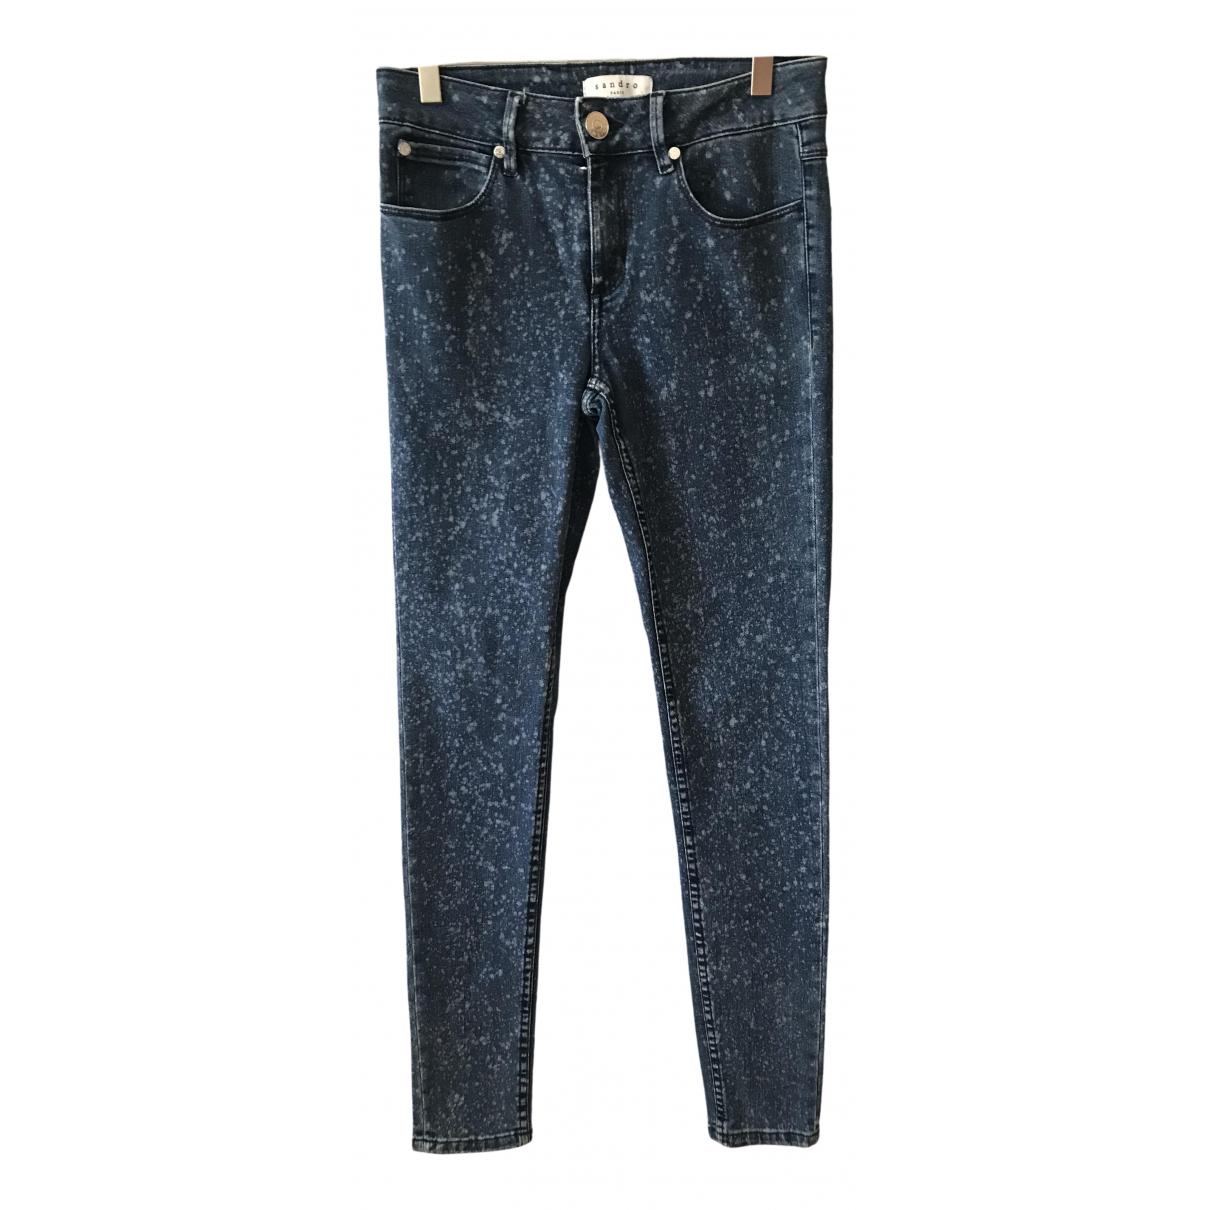 Sandro Fall Winter 2019 Blue Cotton - elasthane Jeans for Women 36 FR